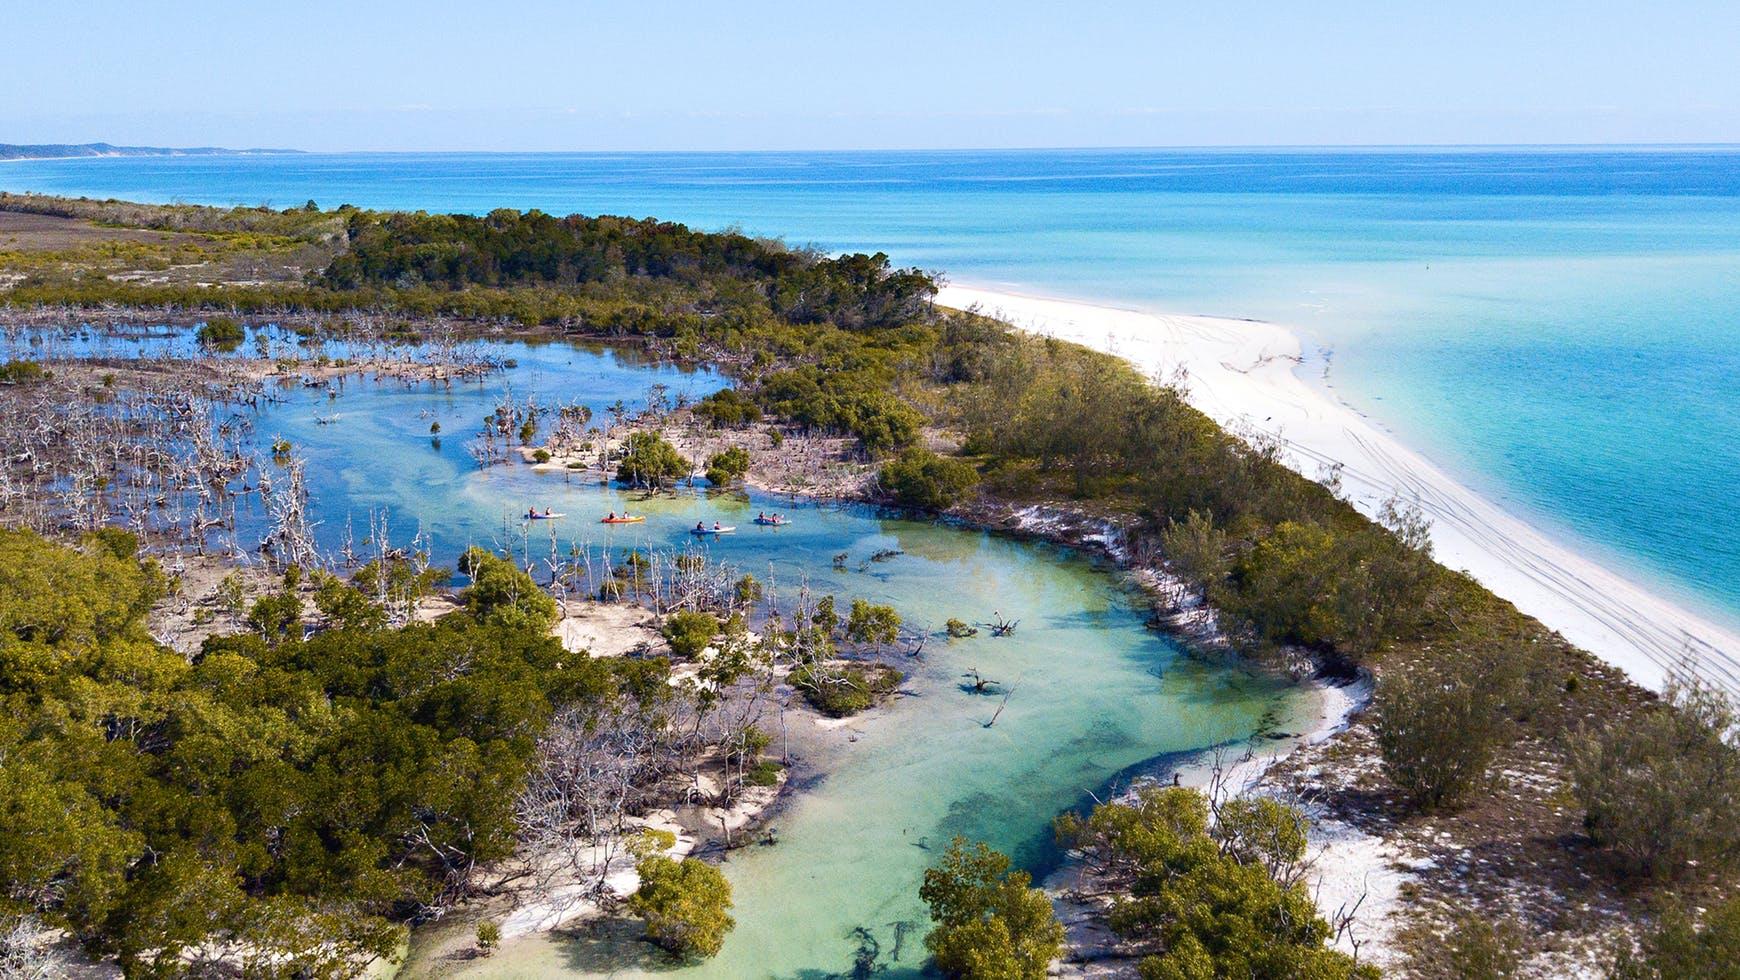 جزیره فریزر در کوئینزلند